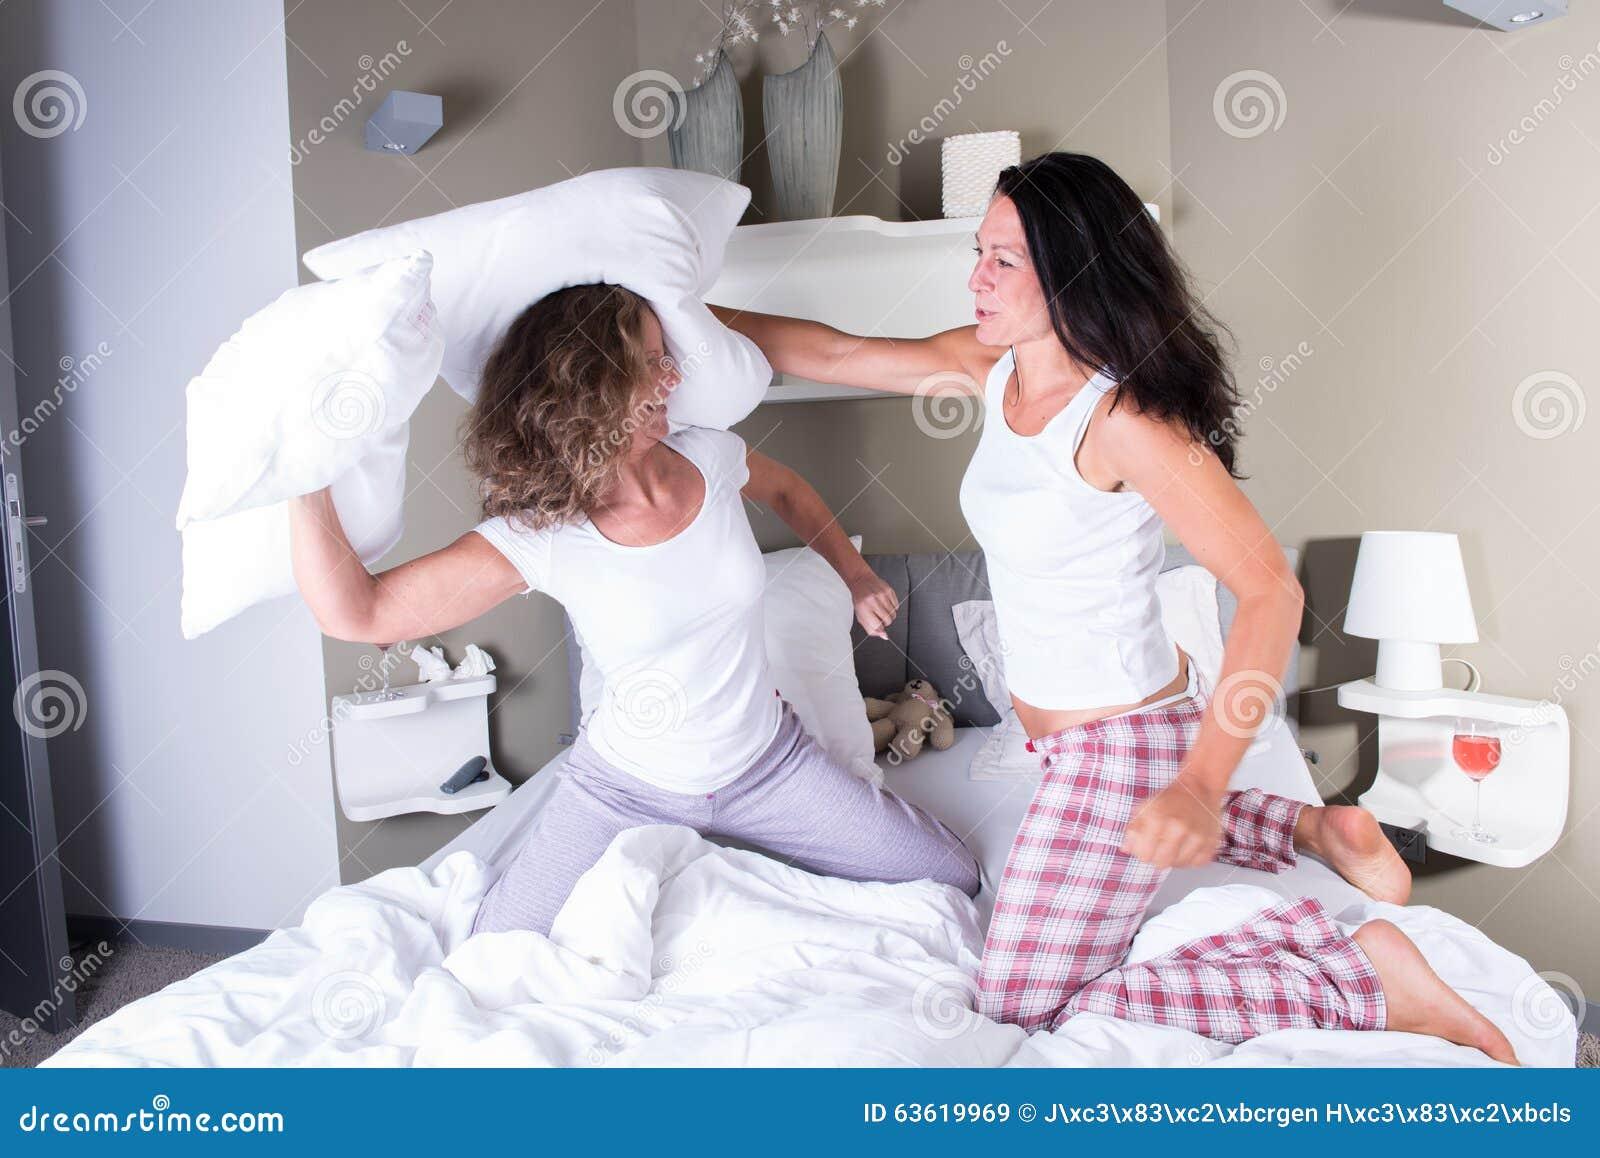 Lotta di cuscini casamia idea di immagine - A letto con due donne ...